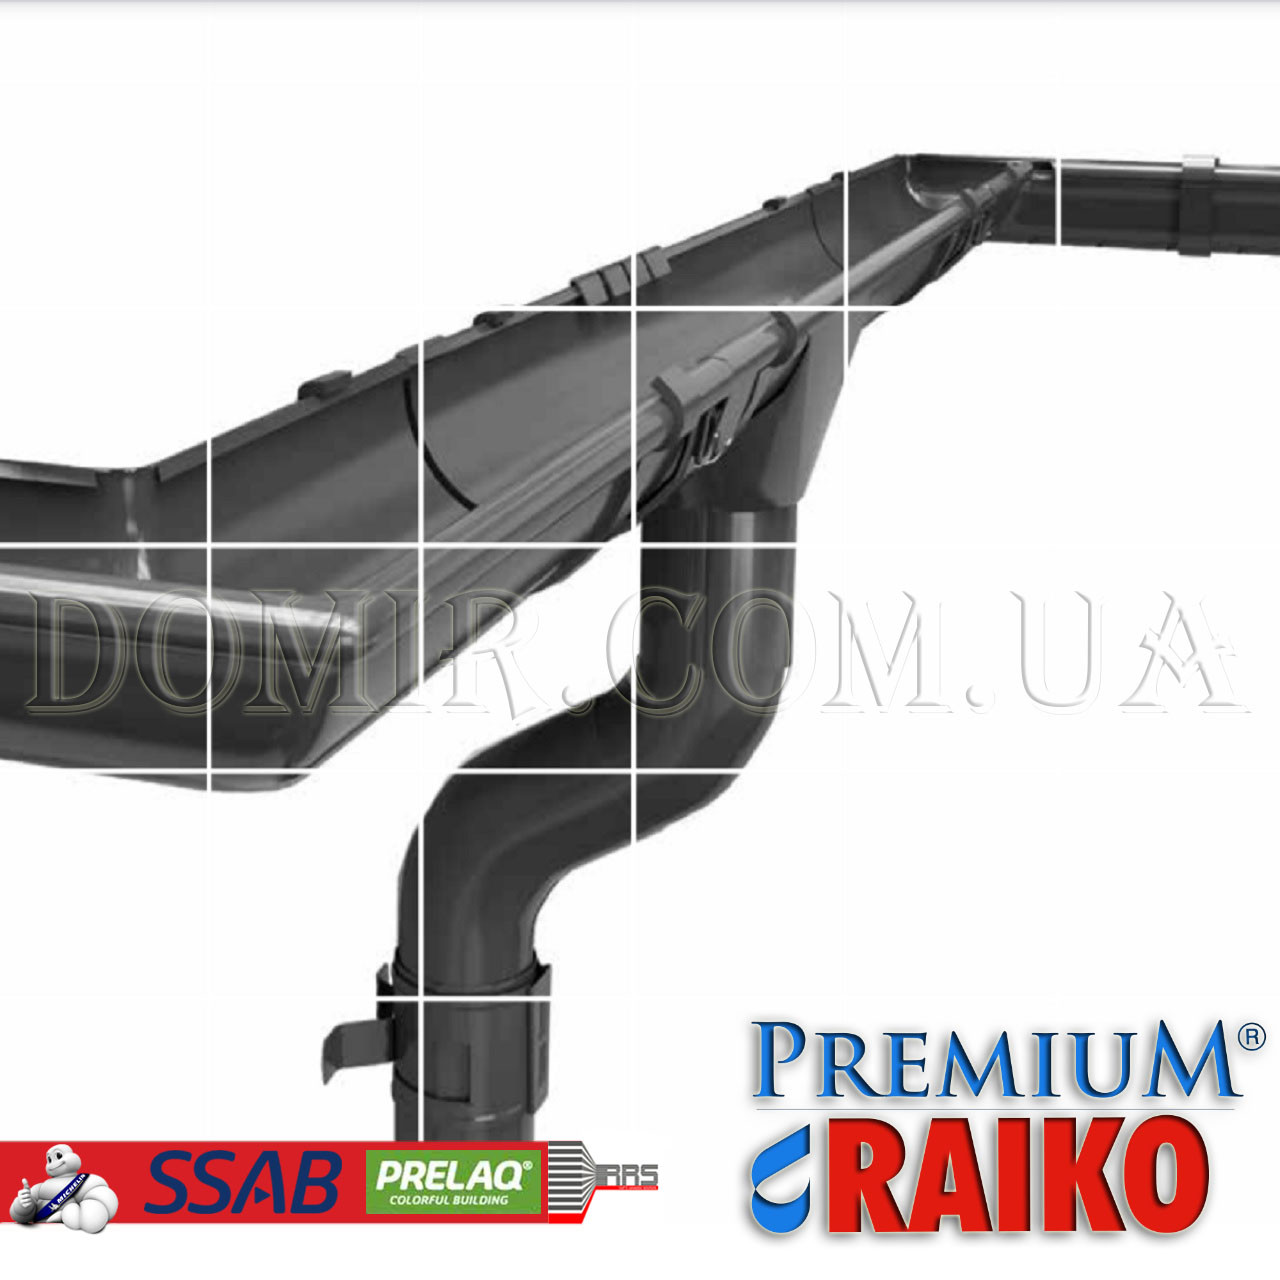 Металева водостічна система RAIKO Premium